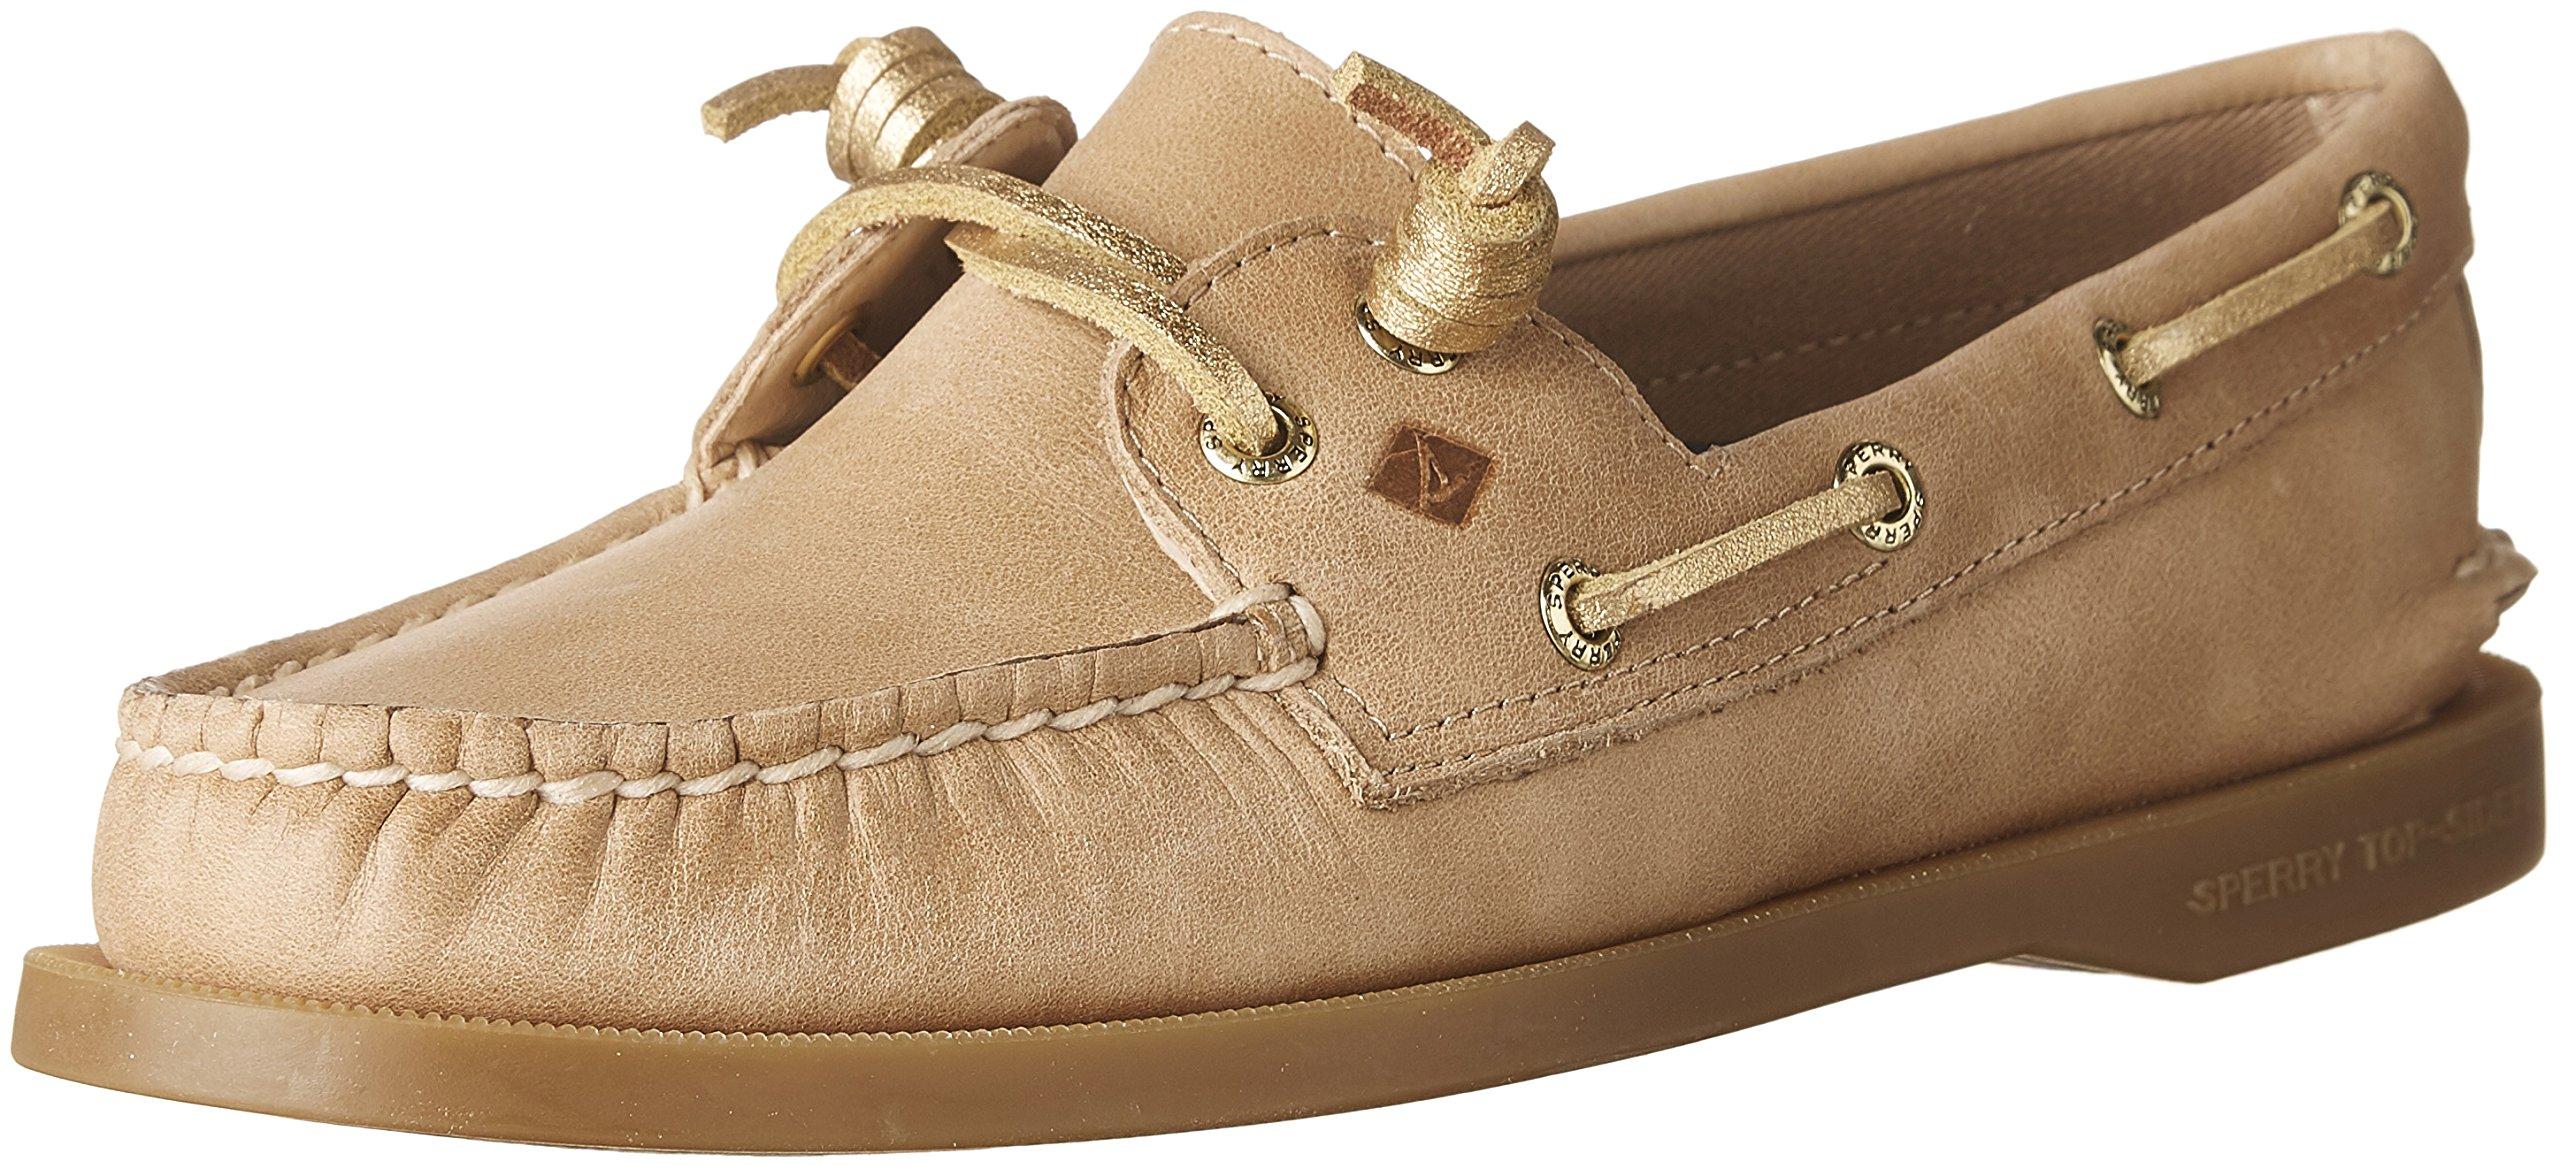 Women's Sperry, Authentic Original Vida Boat Shoes LINEN 7.5 M